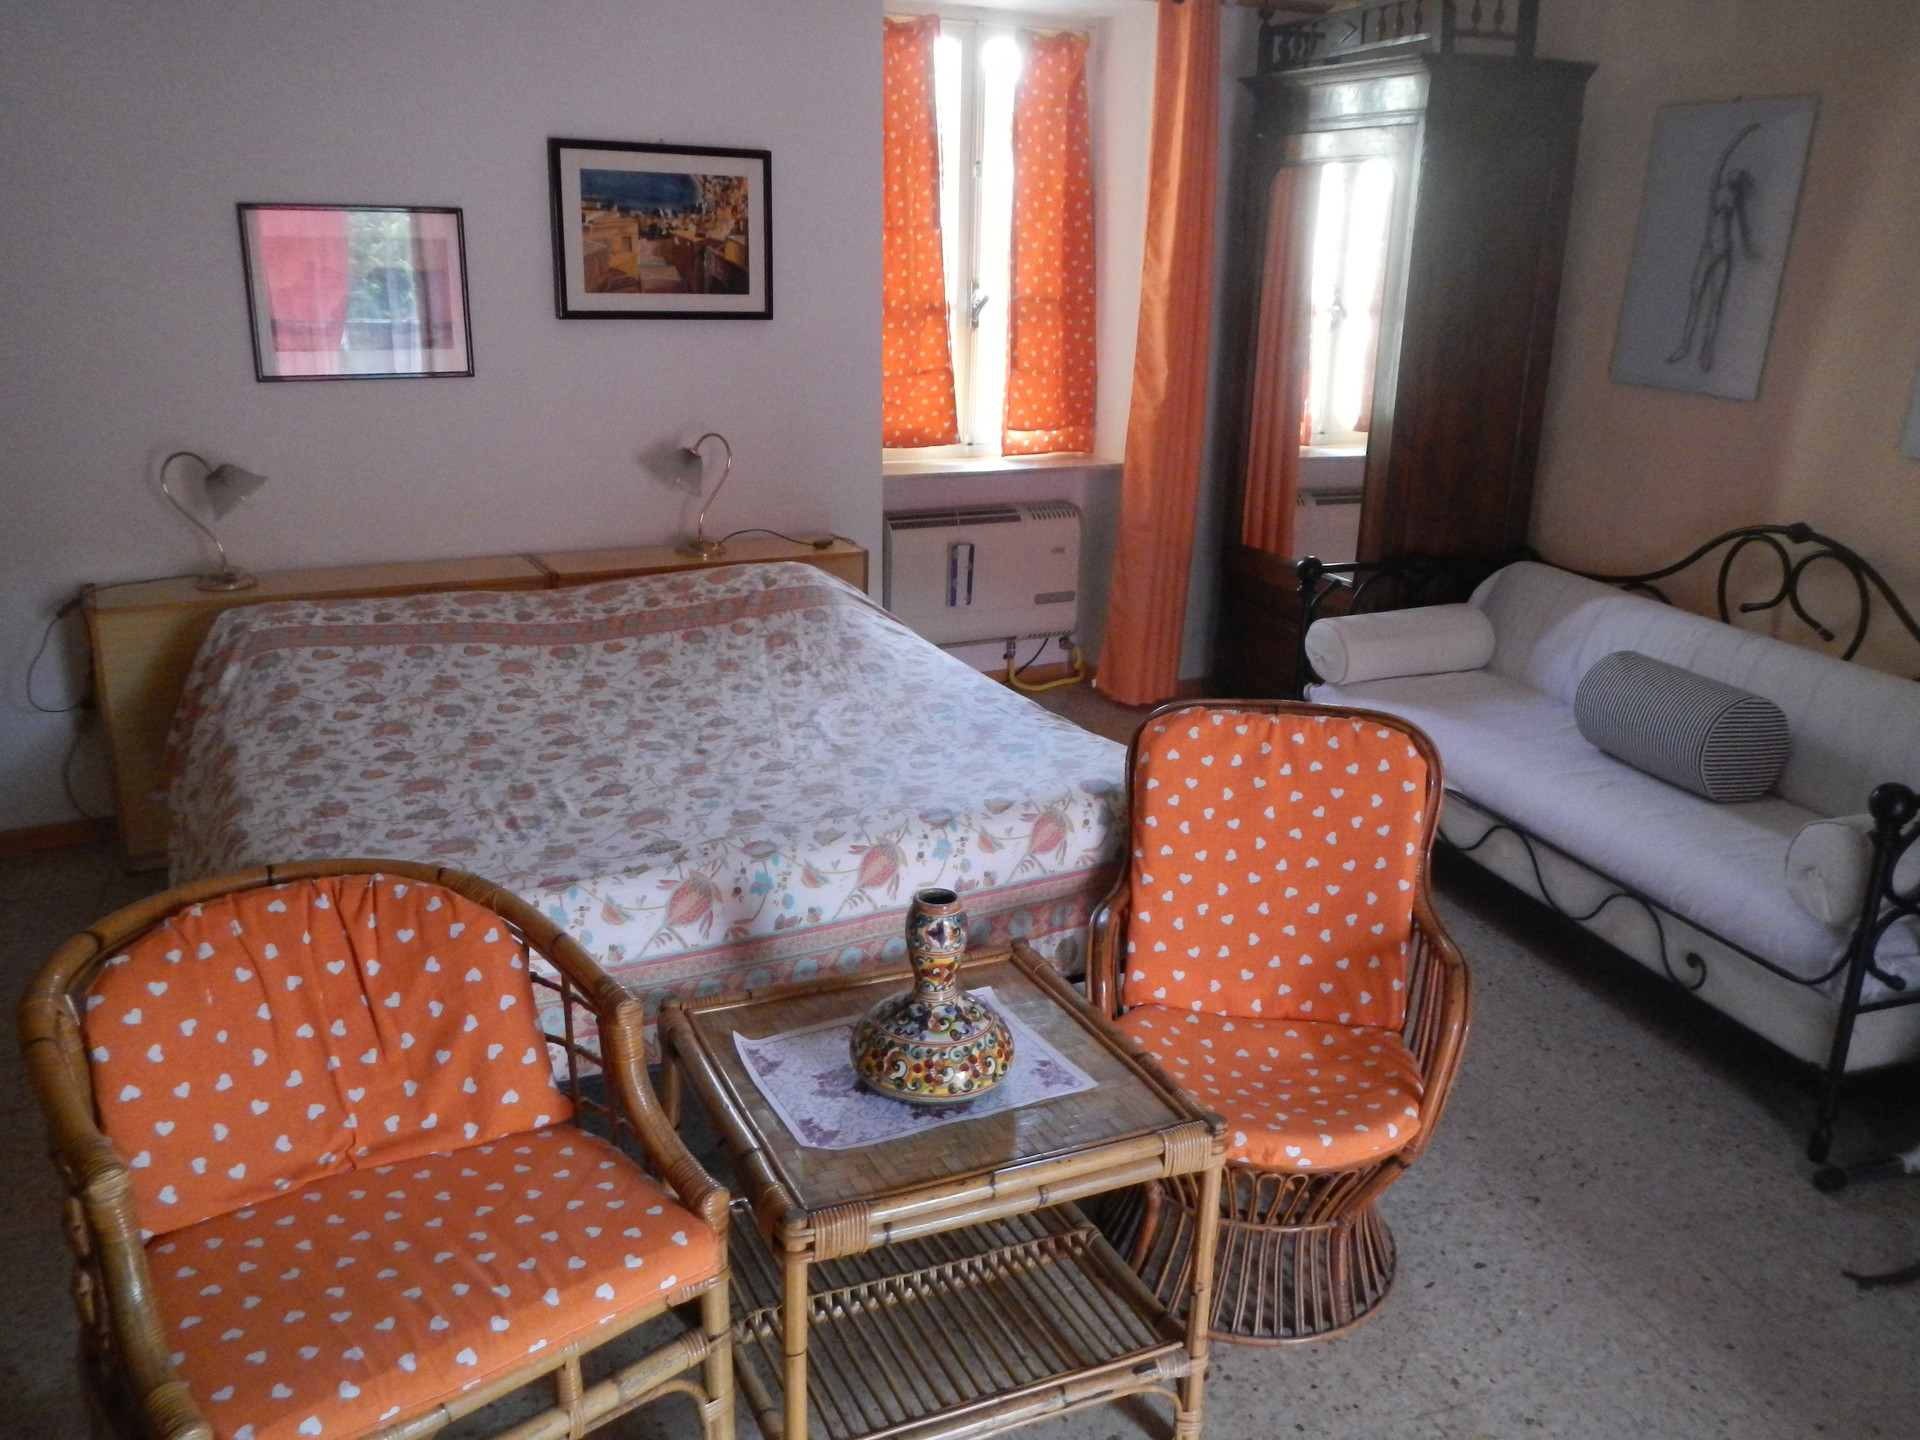 2 camere arredate con bagno in comune 3 posti letto a 20 for Case arredate in affitto a torino